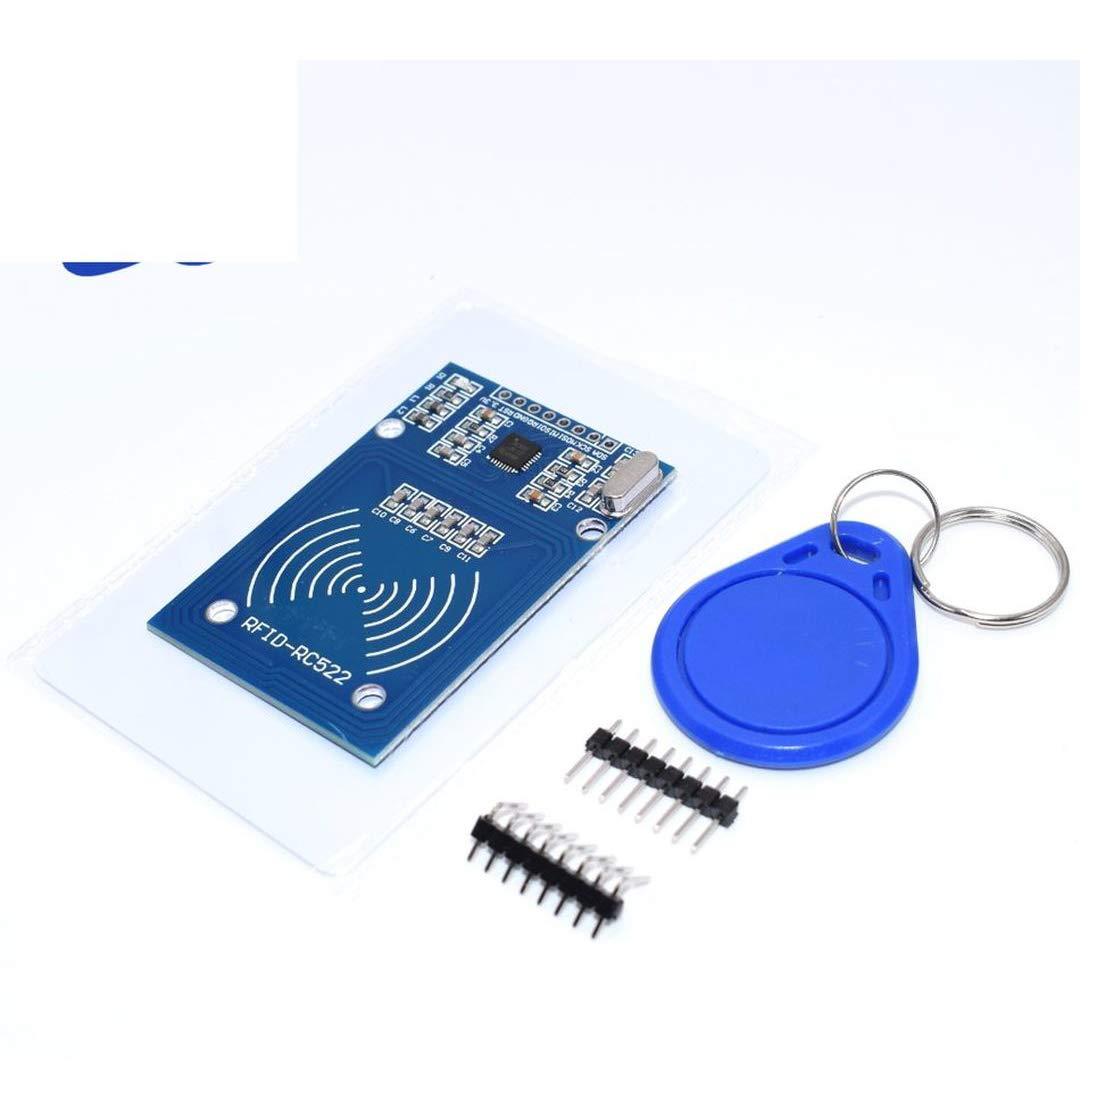 GalaxyElec MFRC-522 RC522 RFID RF IC Card Sensor Module to Send Fudan Card Rf Module Keychain 5pcs